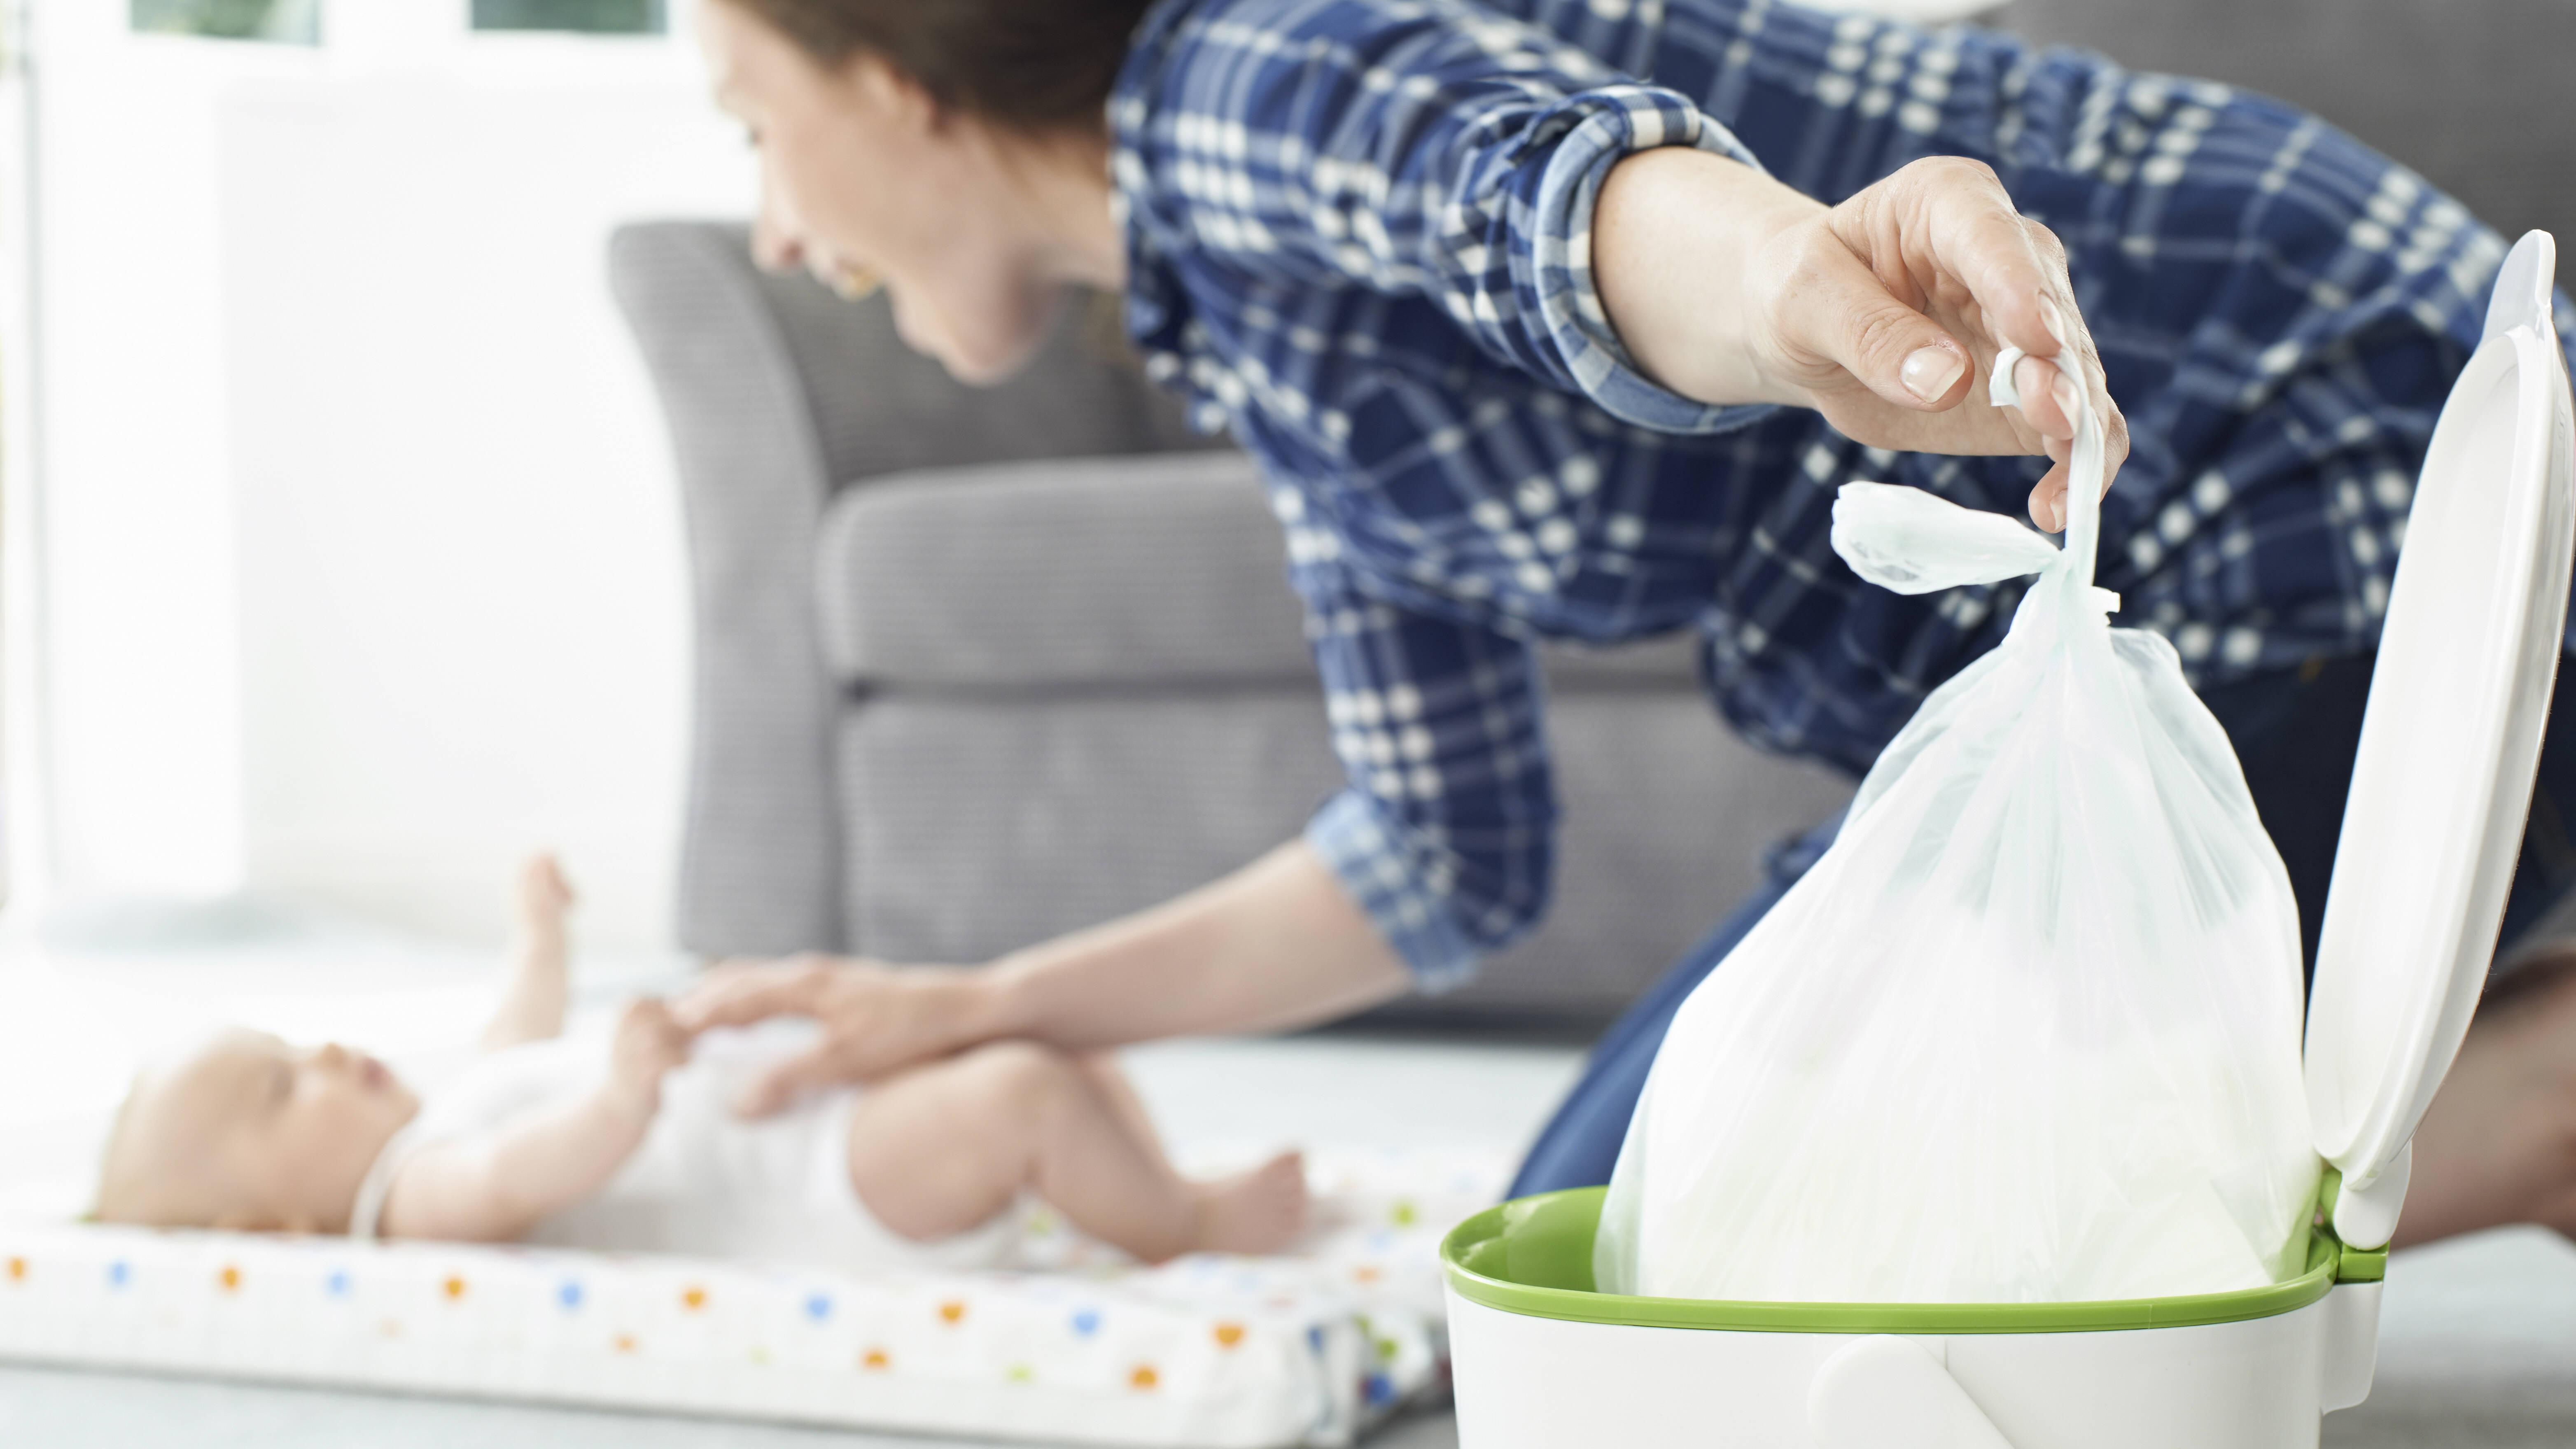 Baby: Stuhlgang grün - das müssen Sie wissen